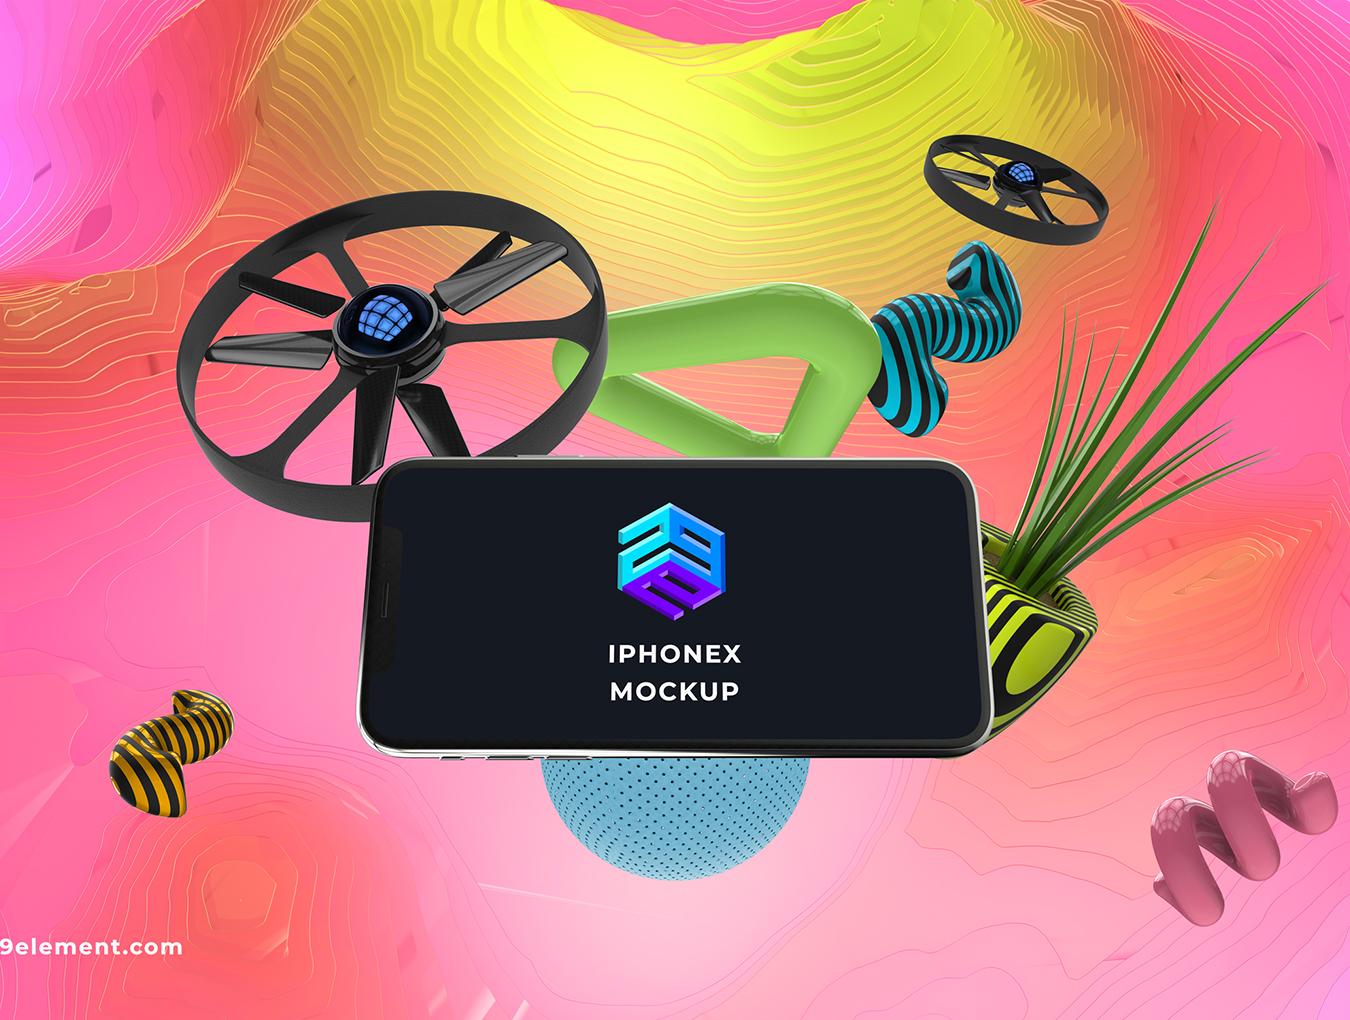 8个应用程序设计预览苹果Apple设备PSD样机模板 8 Concept Apple Devices v.3插图(1)